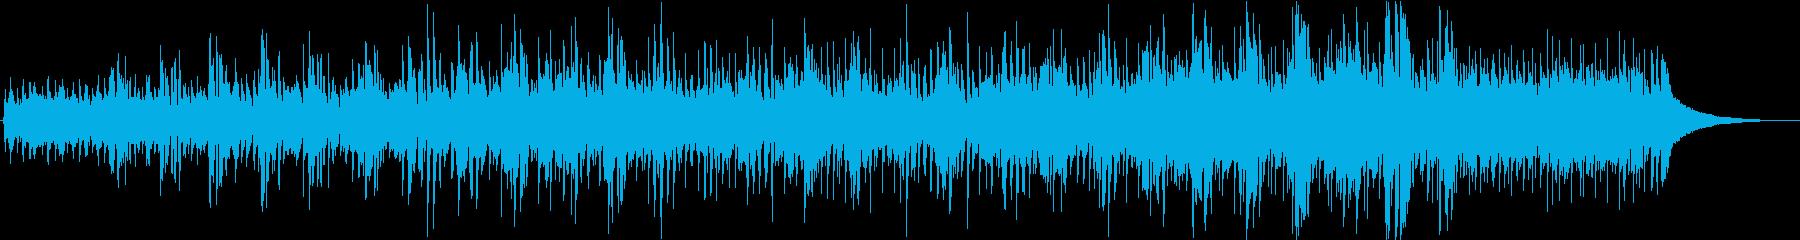 伊豆の踊り子の再生済みの波形